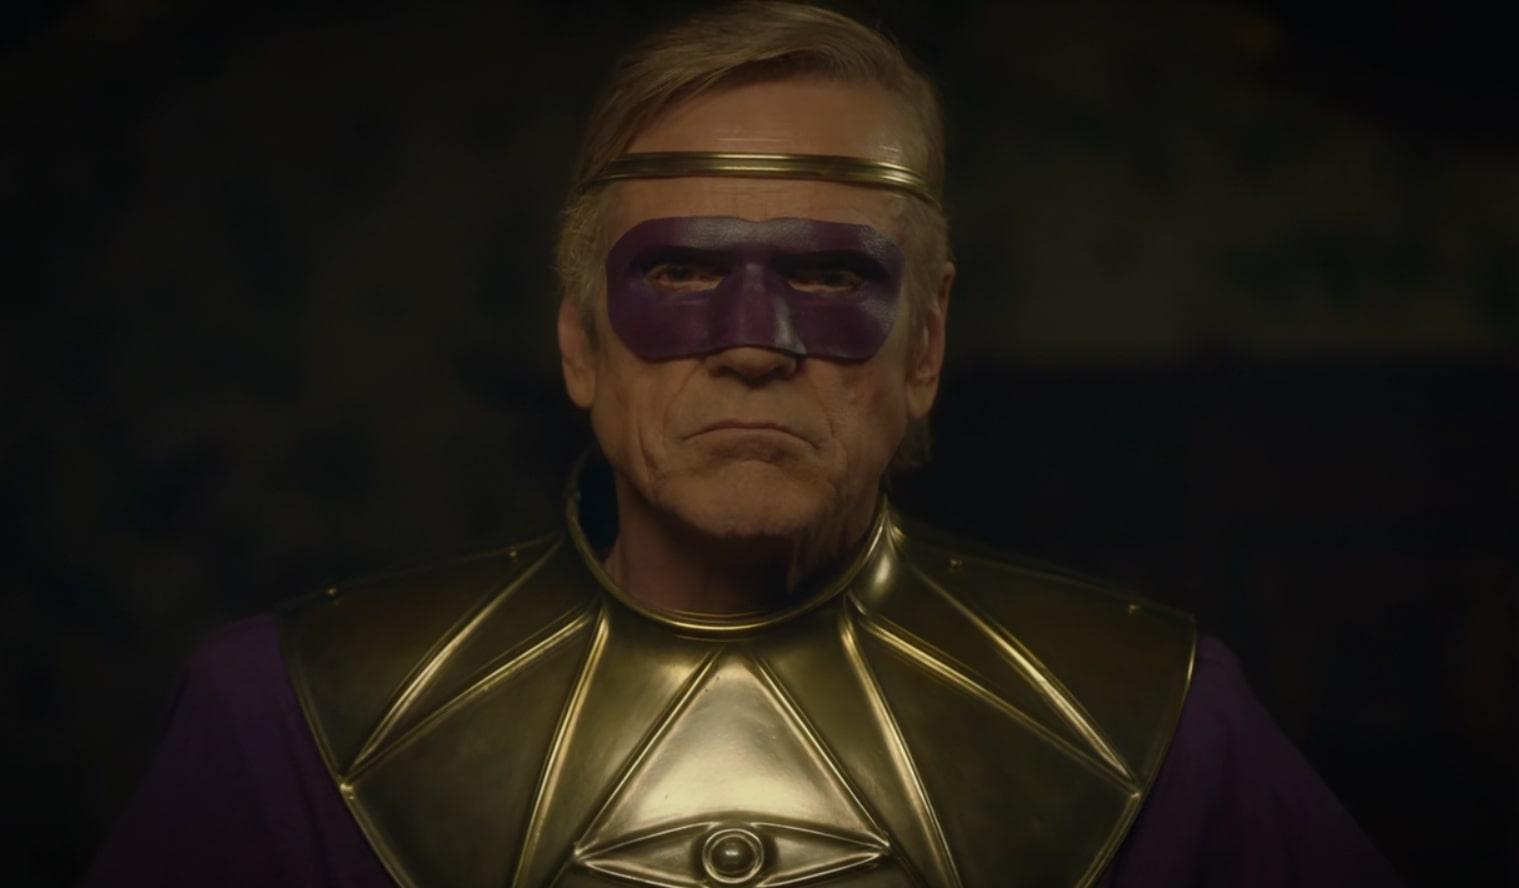 نقد و بررسی قسمت سوم سریال Watchmen